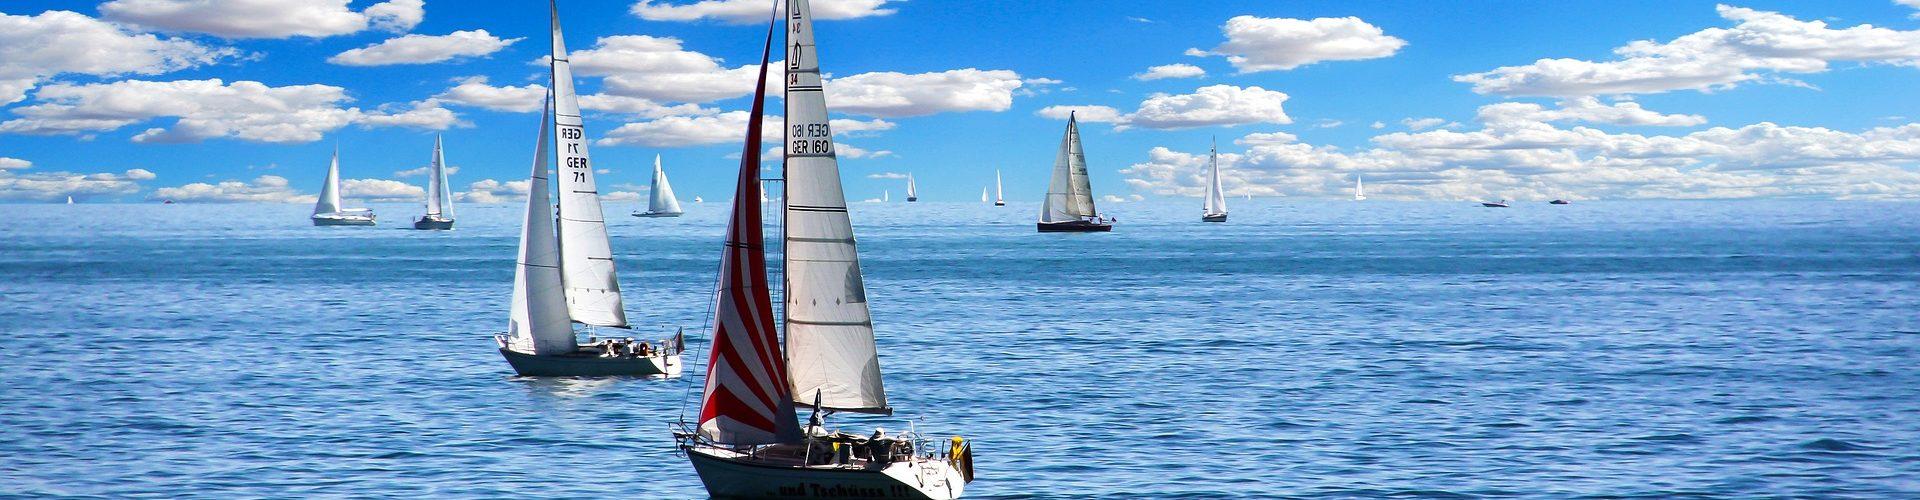 segeln lernen in Schwarzenbek segelschein machen in Schwarzenbek 1920x500 - Segeln lernen in Schwarzenbek